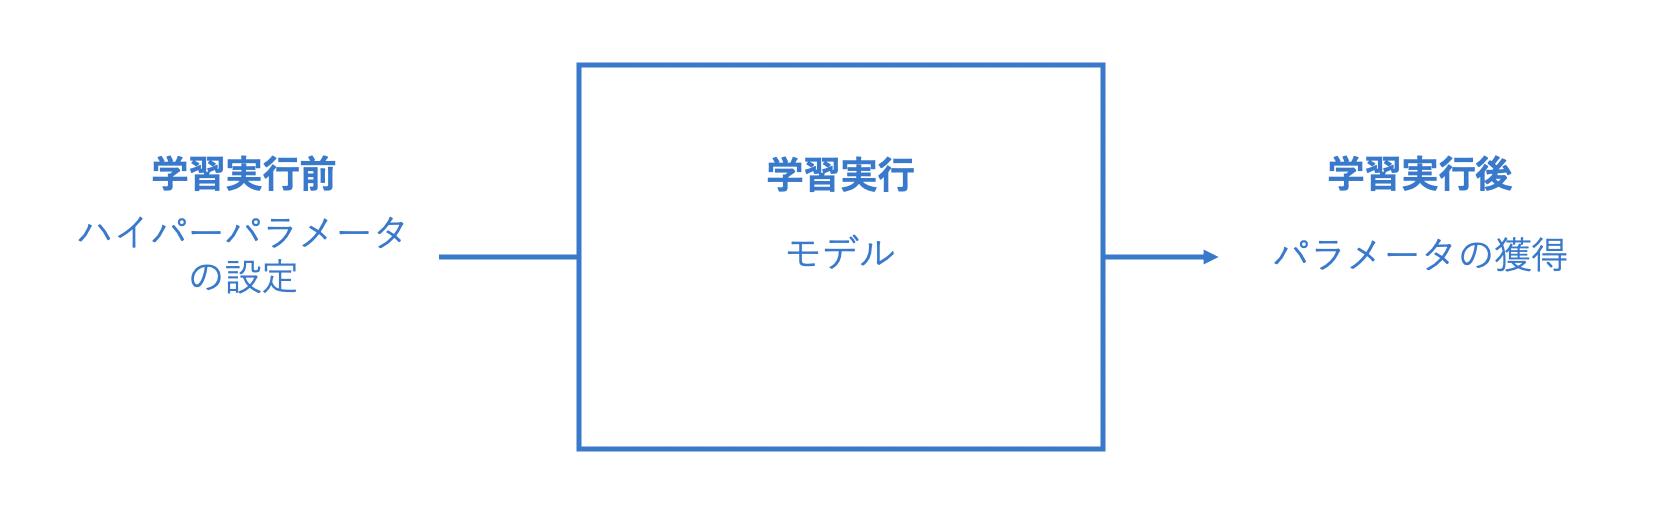 ハイパーパラメータの画像:free.kikagaku.ai